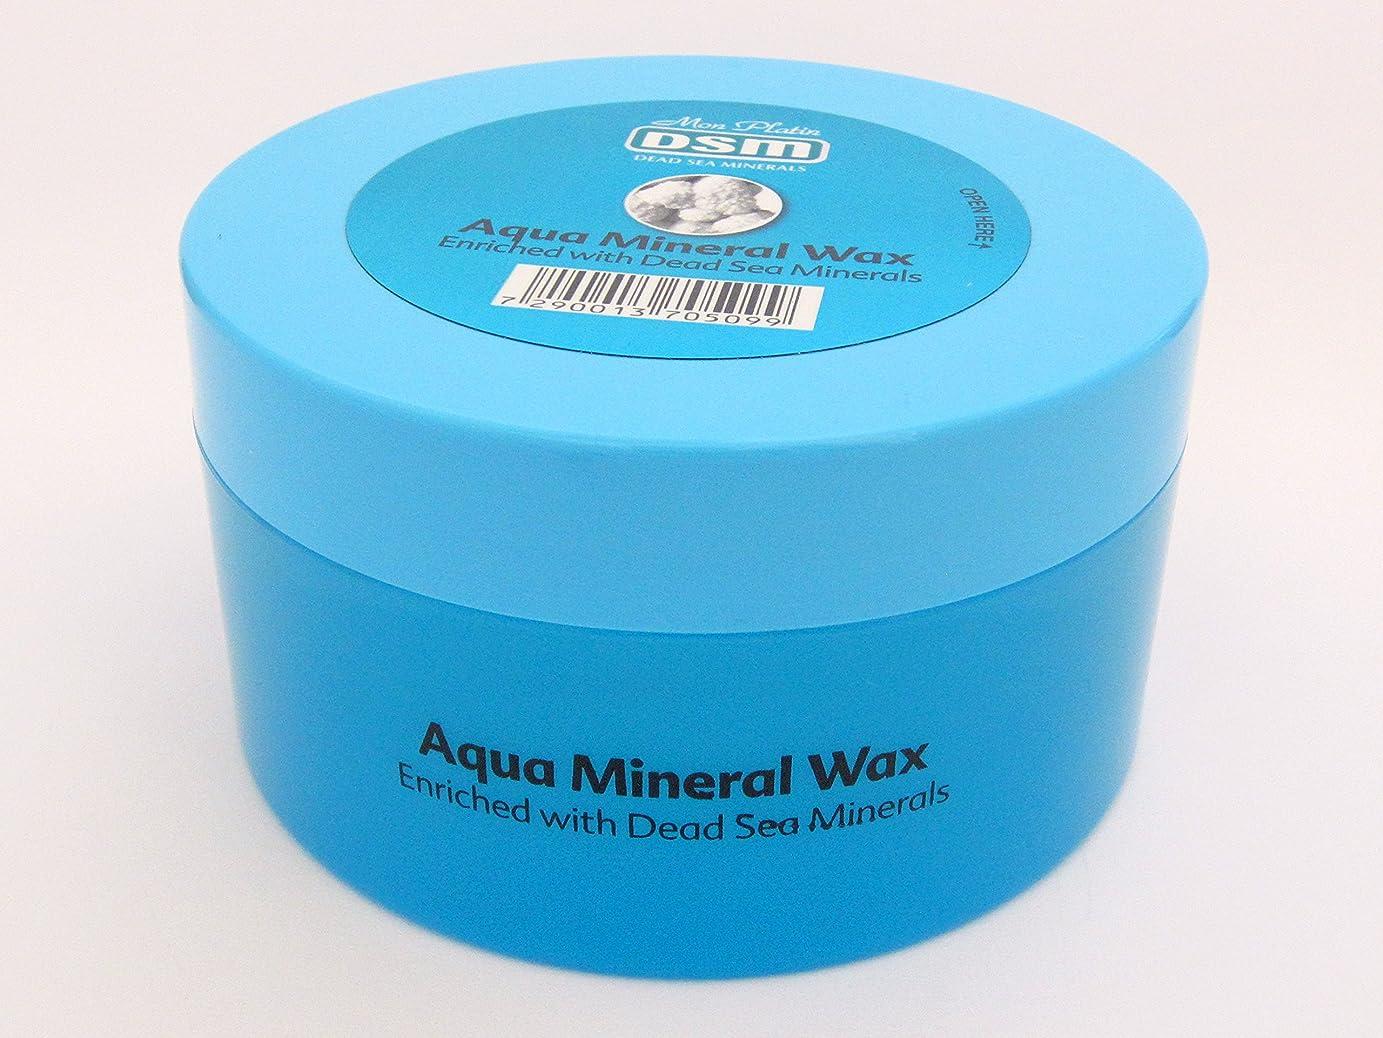 忠実なタイプフェッチ液状ミネラルワックス 280mL Mon Platin 死海ミネラル 整髪 全髪タイプ 天然 お手入れ 美容 イスラエル (Aqua Mineral Wax)